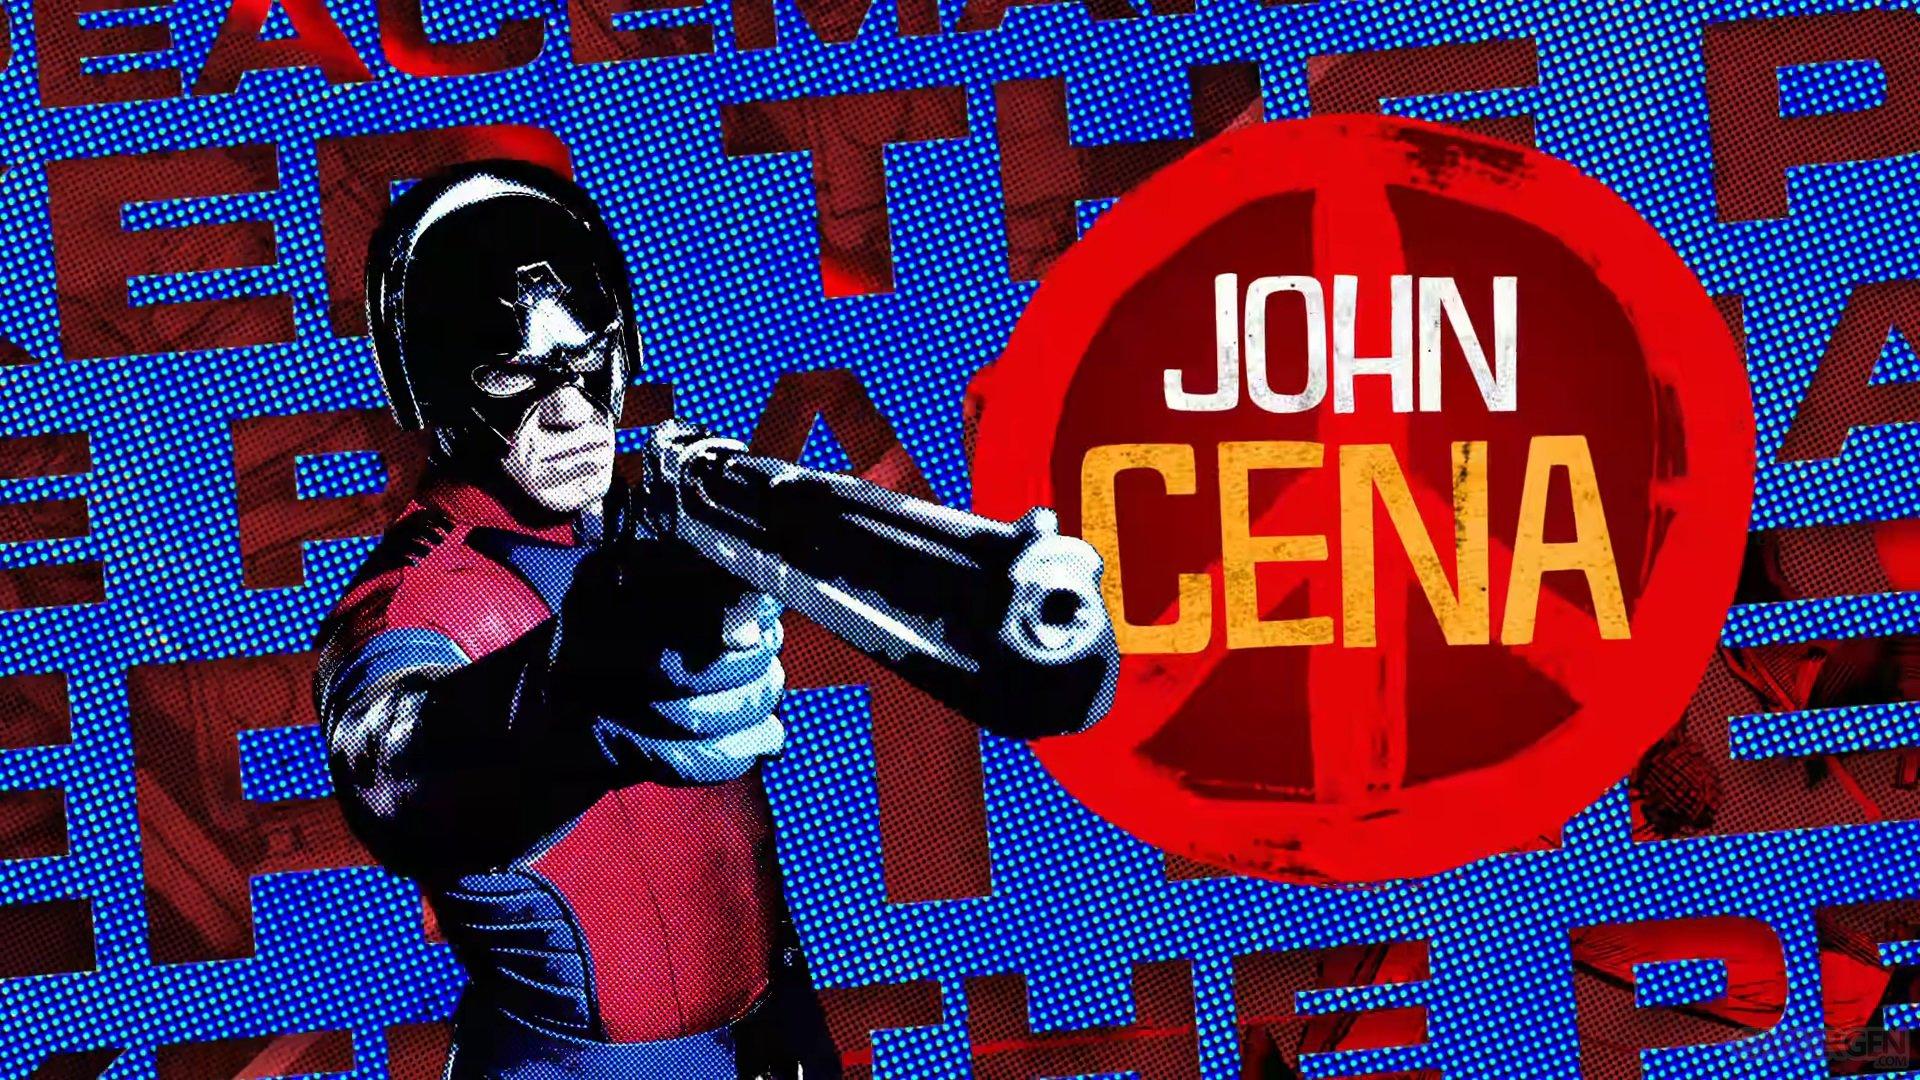 John Cena sera la vedette d'une série de HBO Max avec des personnages de DC Comics